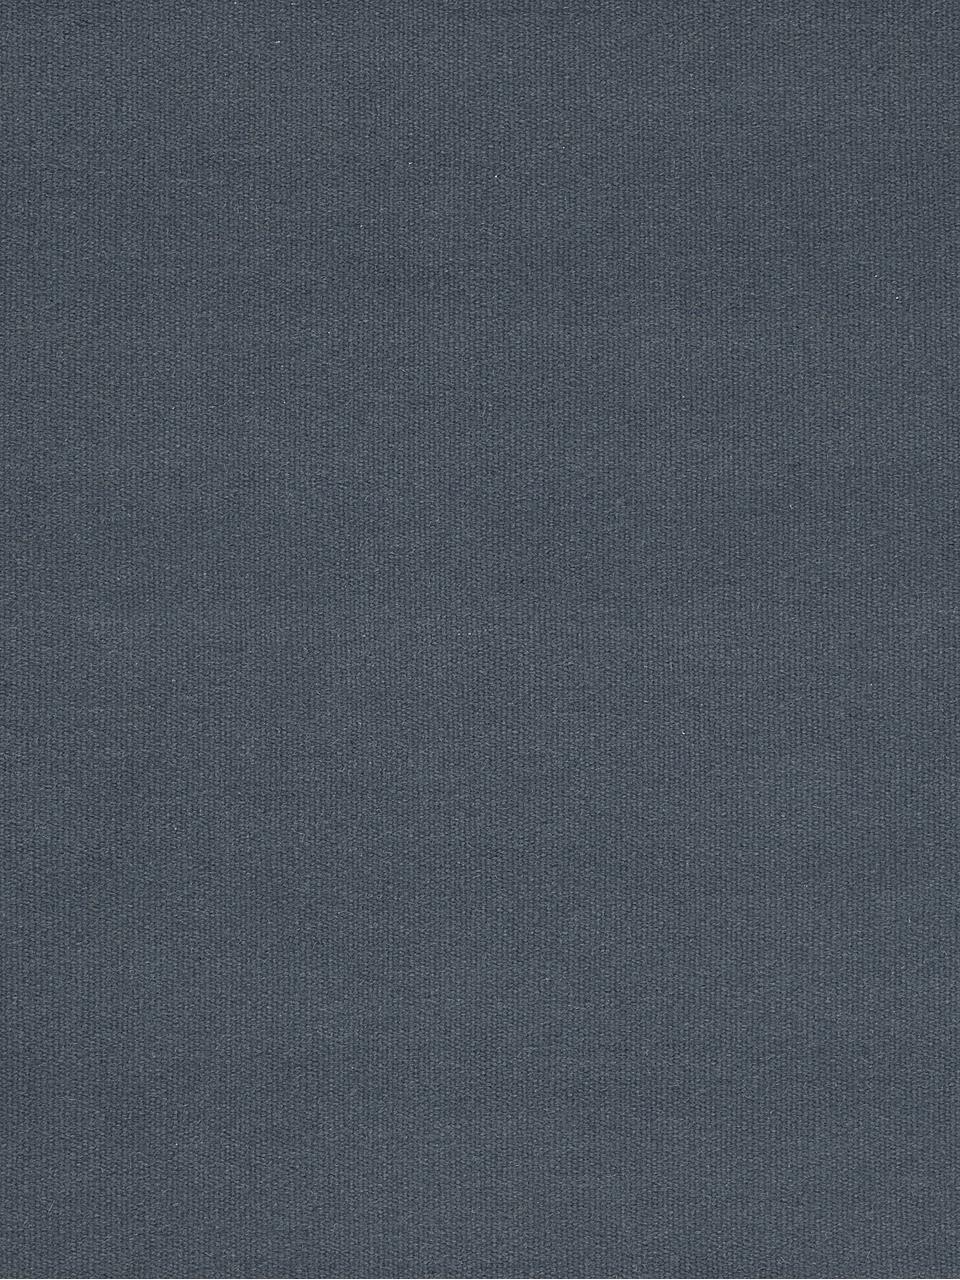 Handgewebter Wollteppich Rainbow in Blau mit Fransen, Fransen: 100% Baumwolle, Dunkelblau, B 200 x L 300 cm (Größe L)